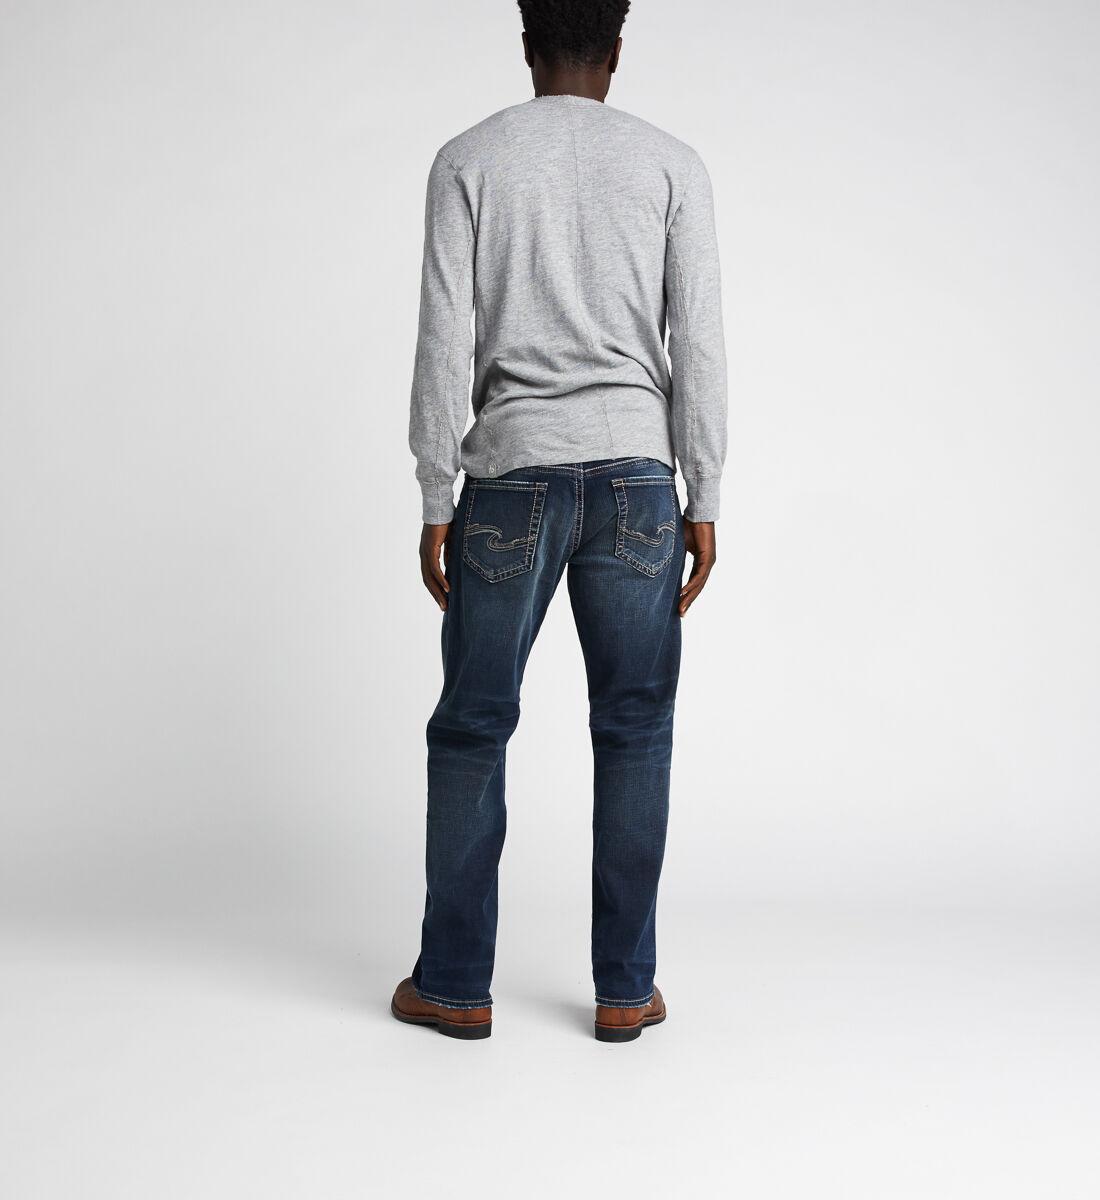 Gordie Loose Fit Straight Jeans,Indigo Back